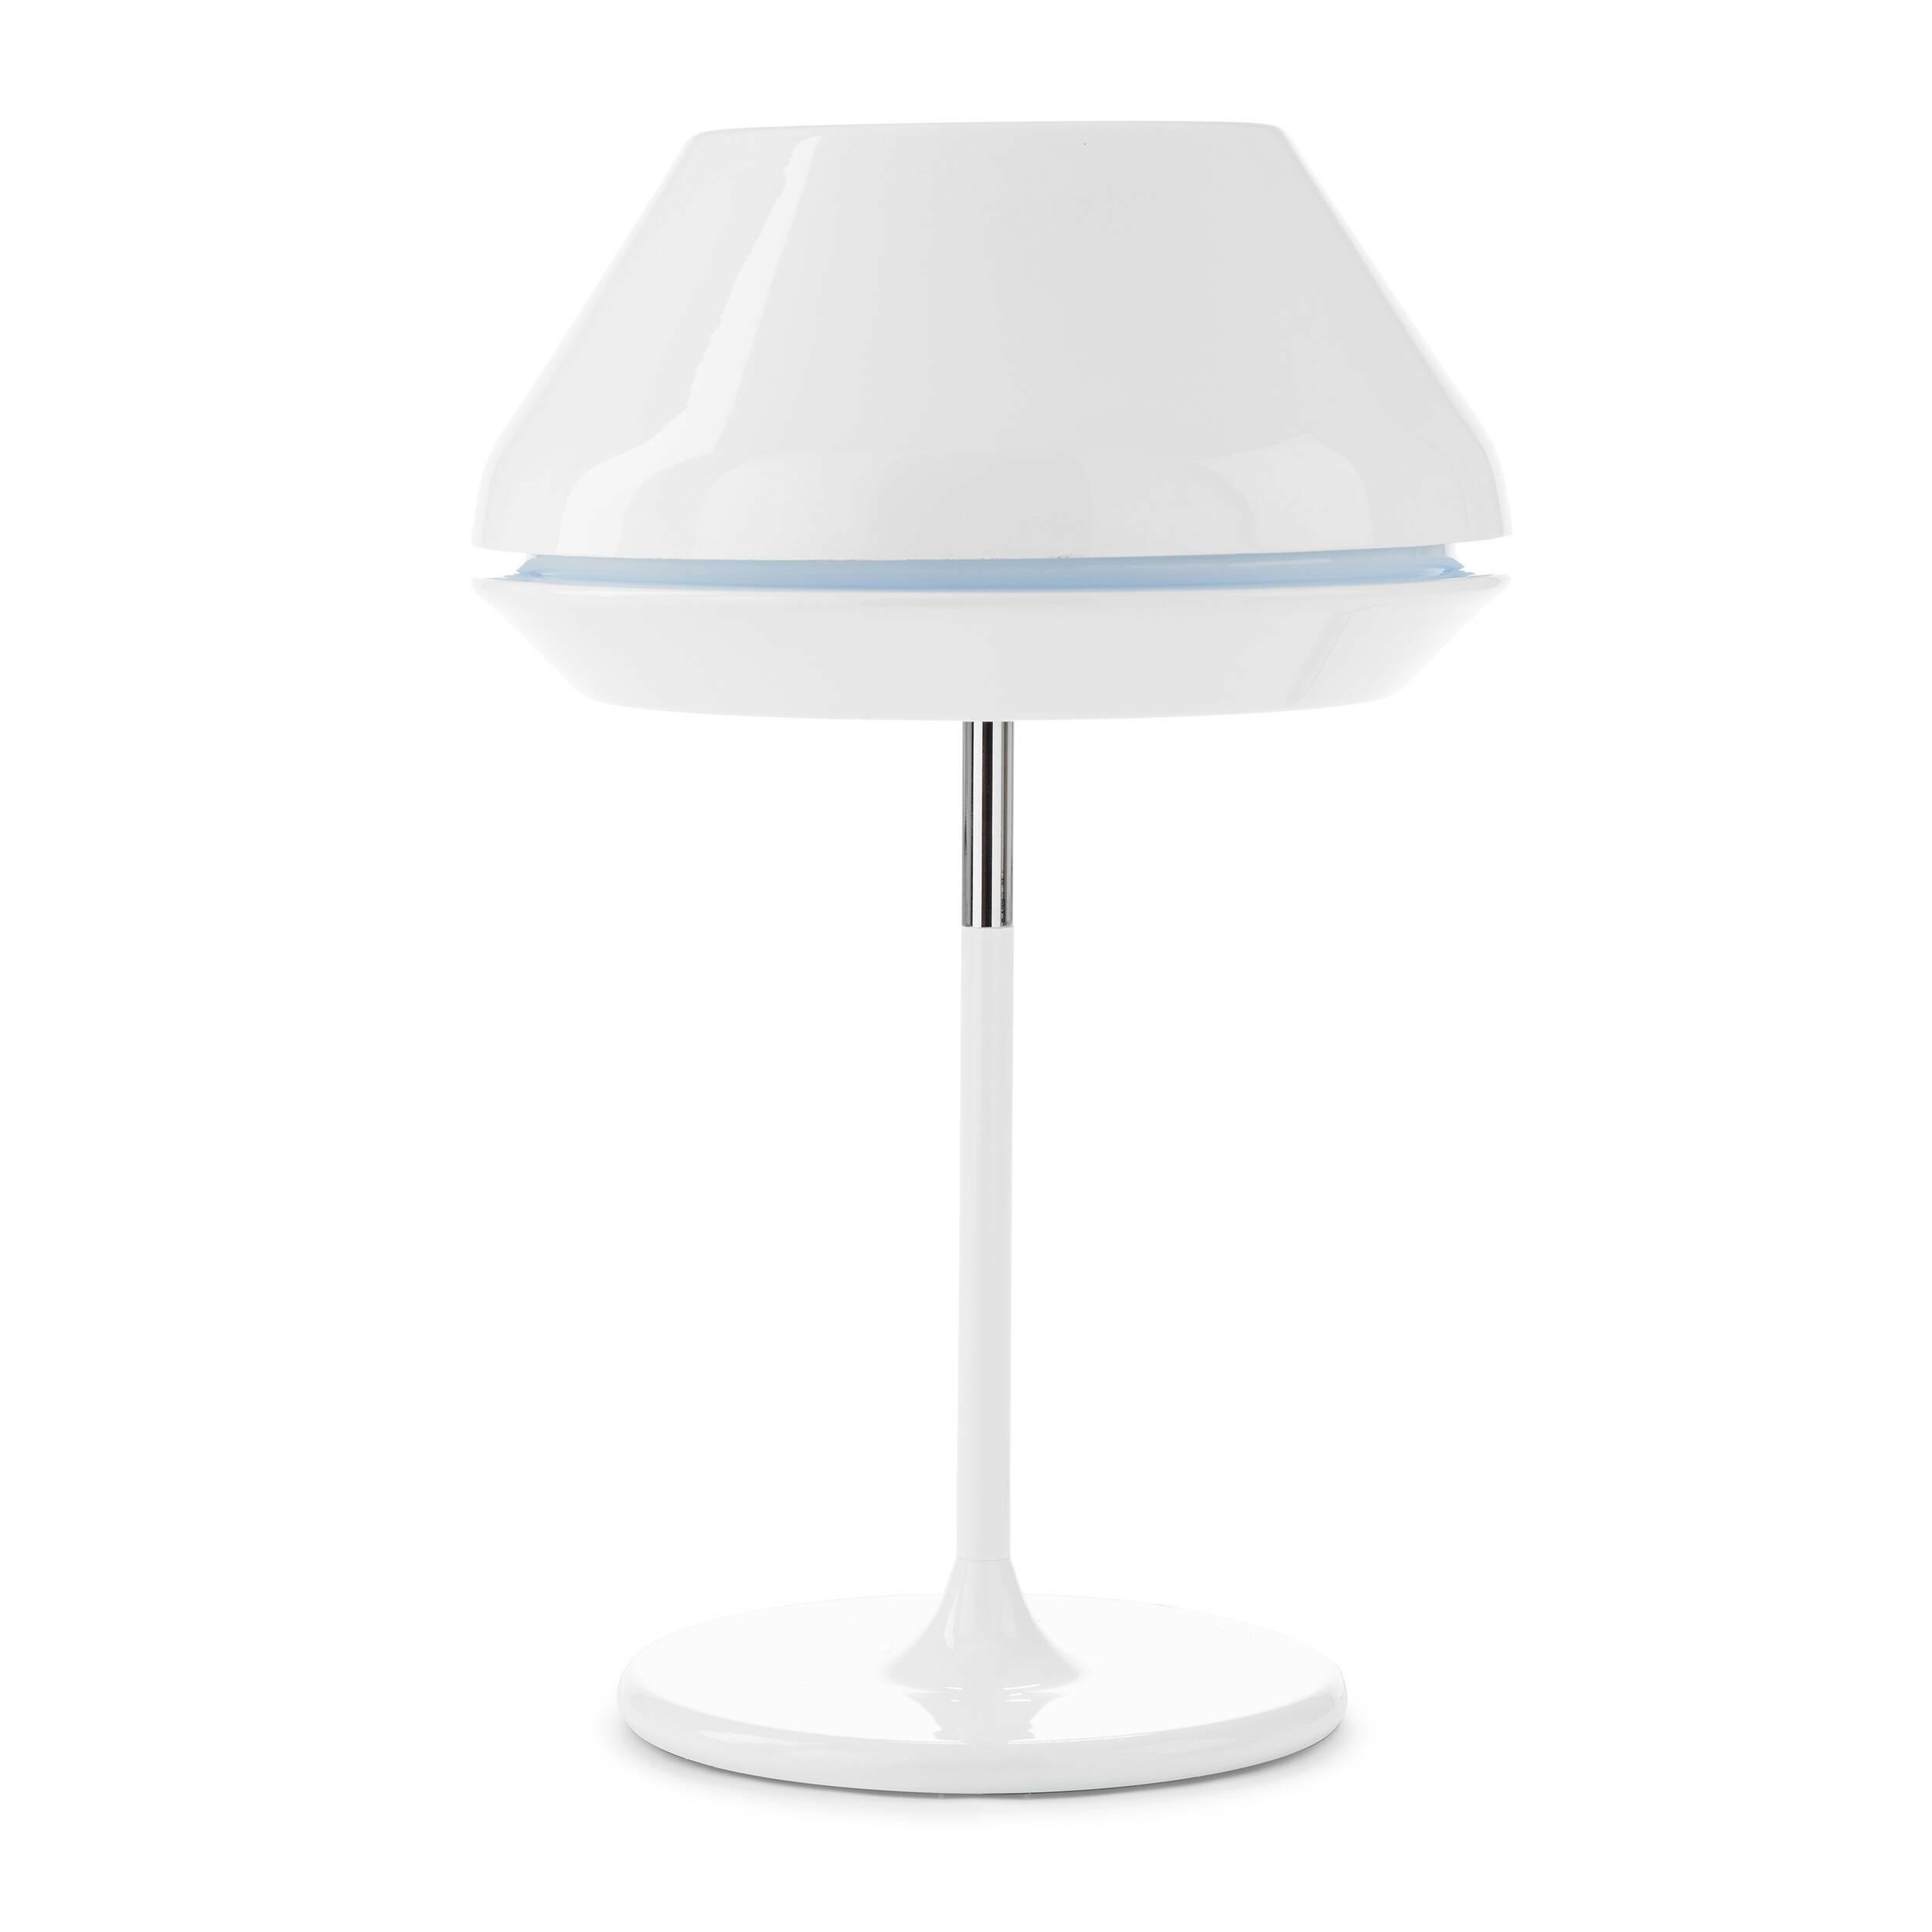 Настольная лампа Cosmo 15579108 от Cosmorelax